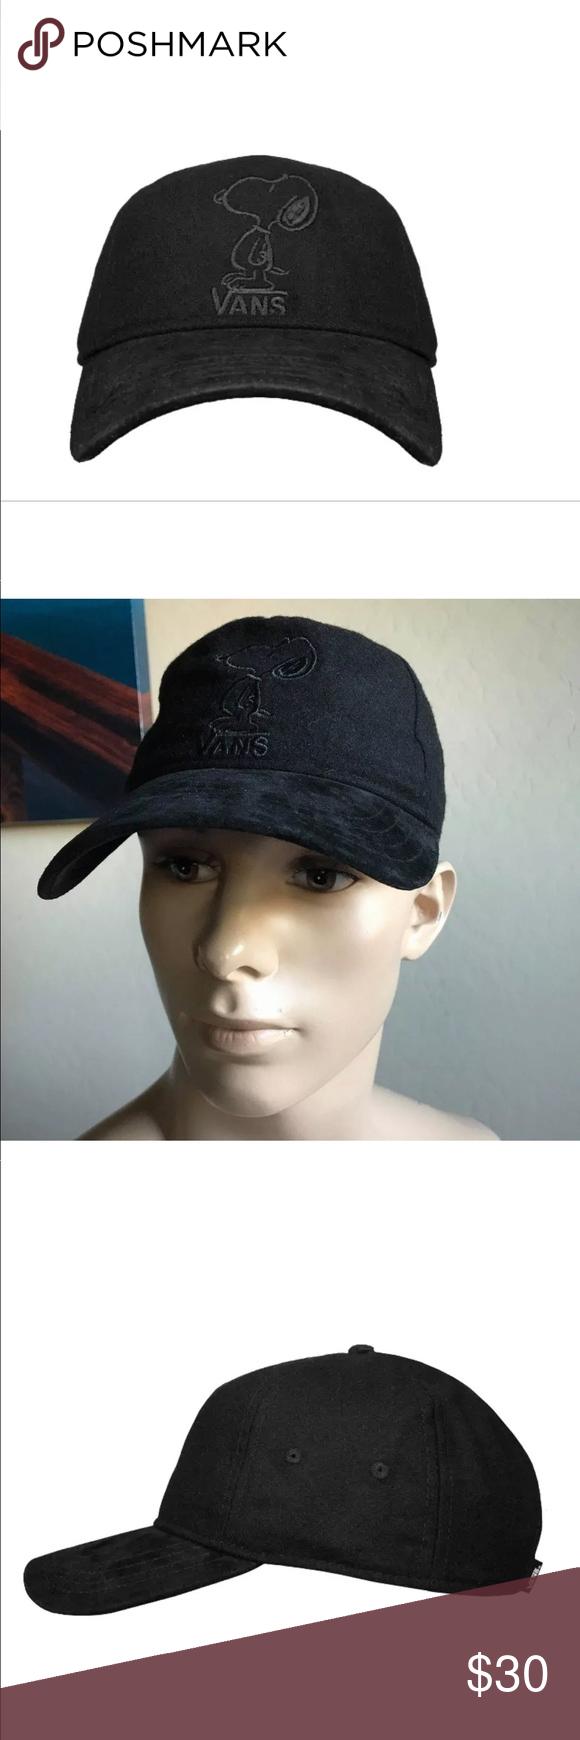 05fbec6221e Vans Men s Tonal Dugout X Peanuts Strapback Hat AUTHENTIC VANS Tonal Dugout  X Peanuts Strapback Hat Peanuts novelty logo SIZE   ONE SIZE RETAIL    34+tax ...